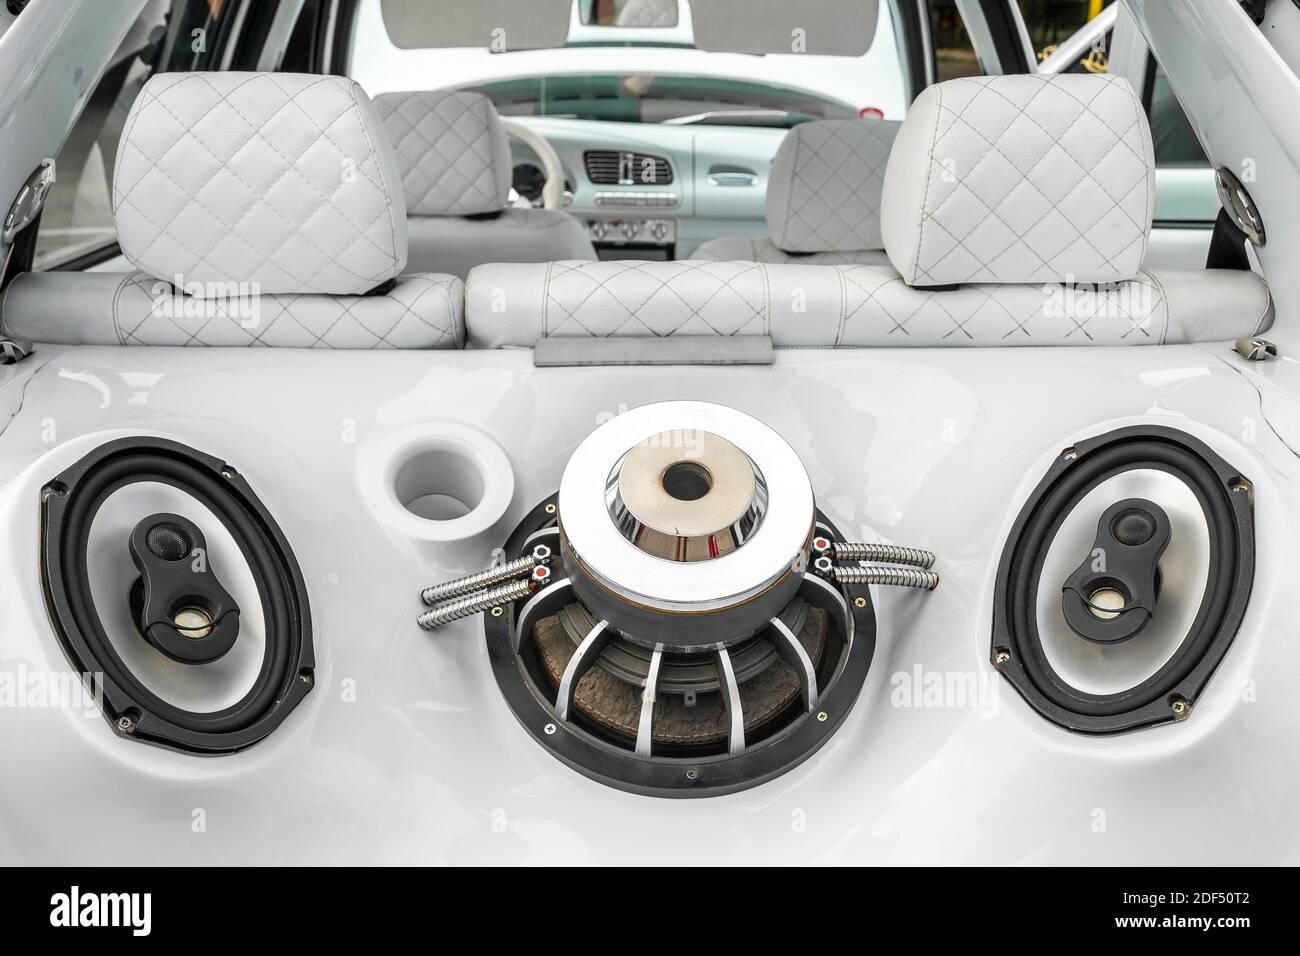 Auto sintonizzata con potente sistema audio e subwoofer nel bagagliaio dell'auto. Interni auto bianchi personalizzati. Foto Stock